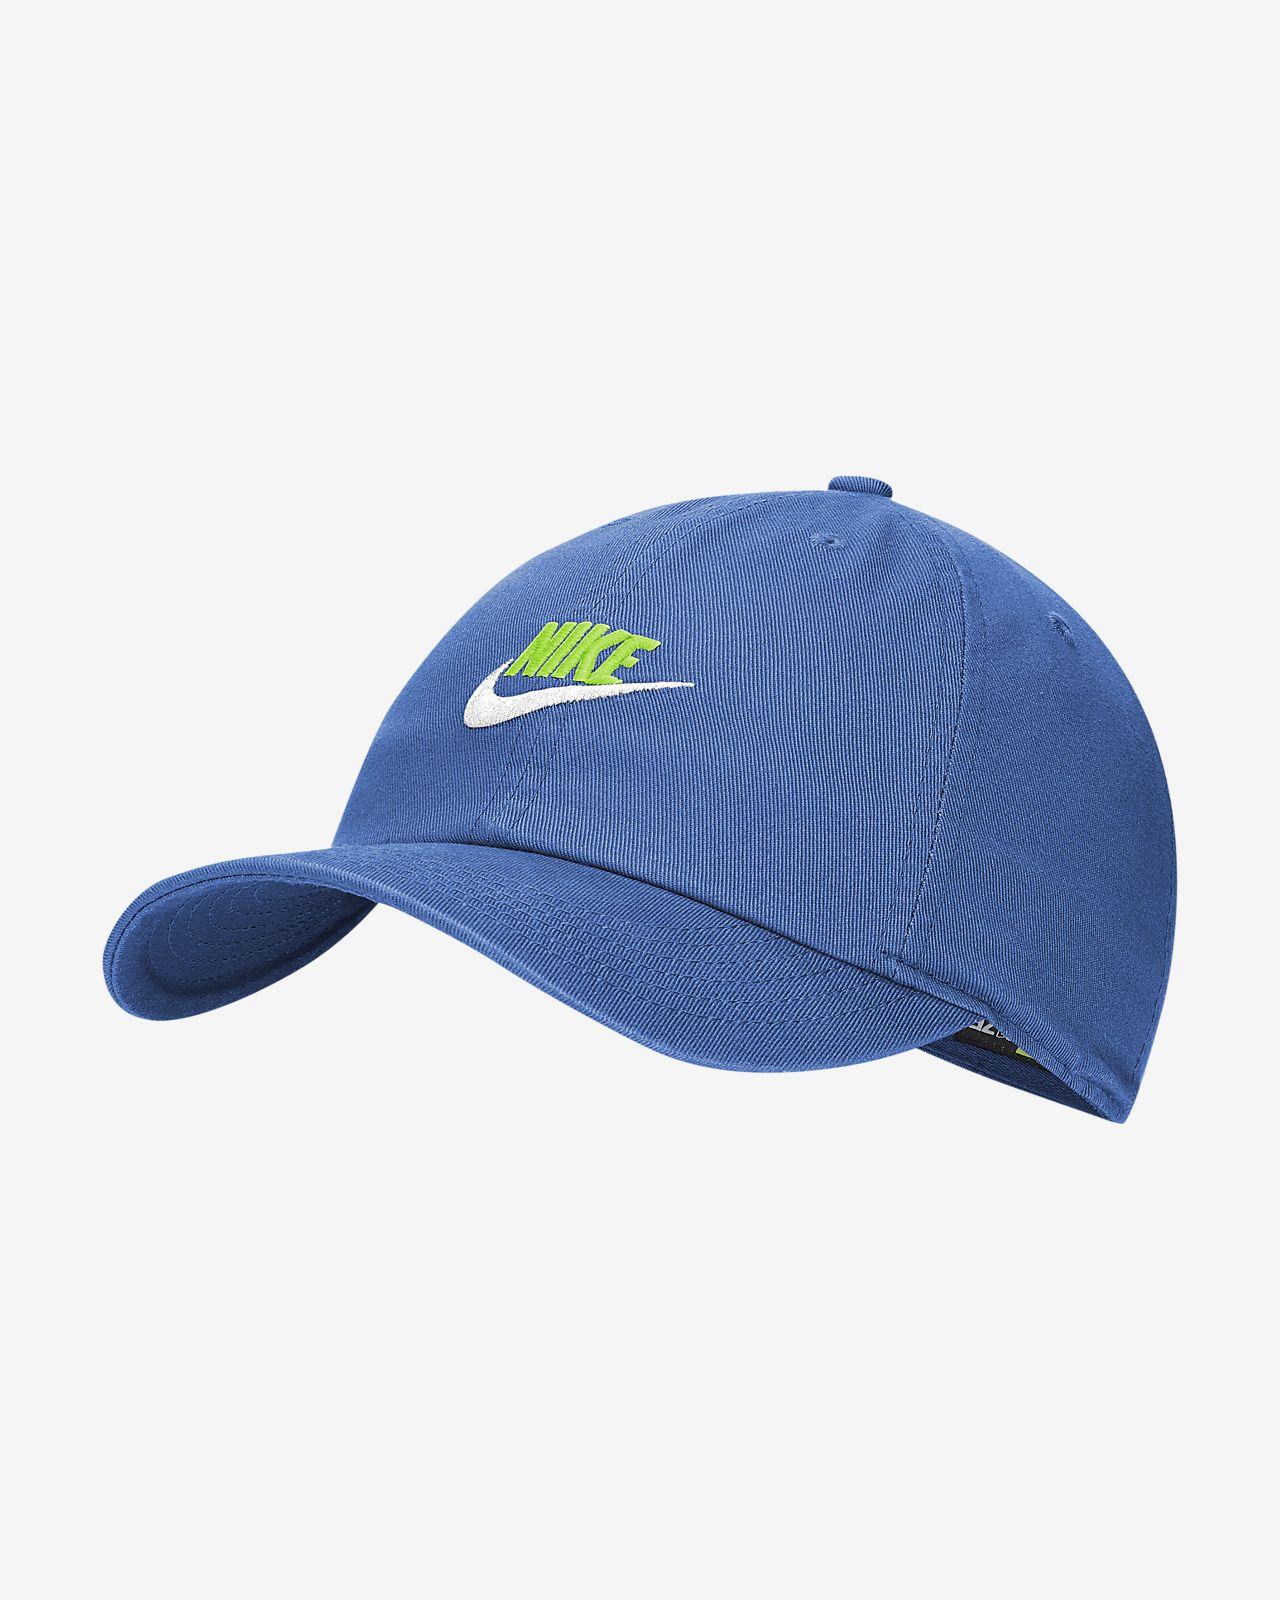 Nike Heritage86 Kids' Adjustable Hat